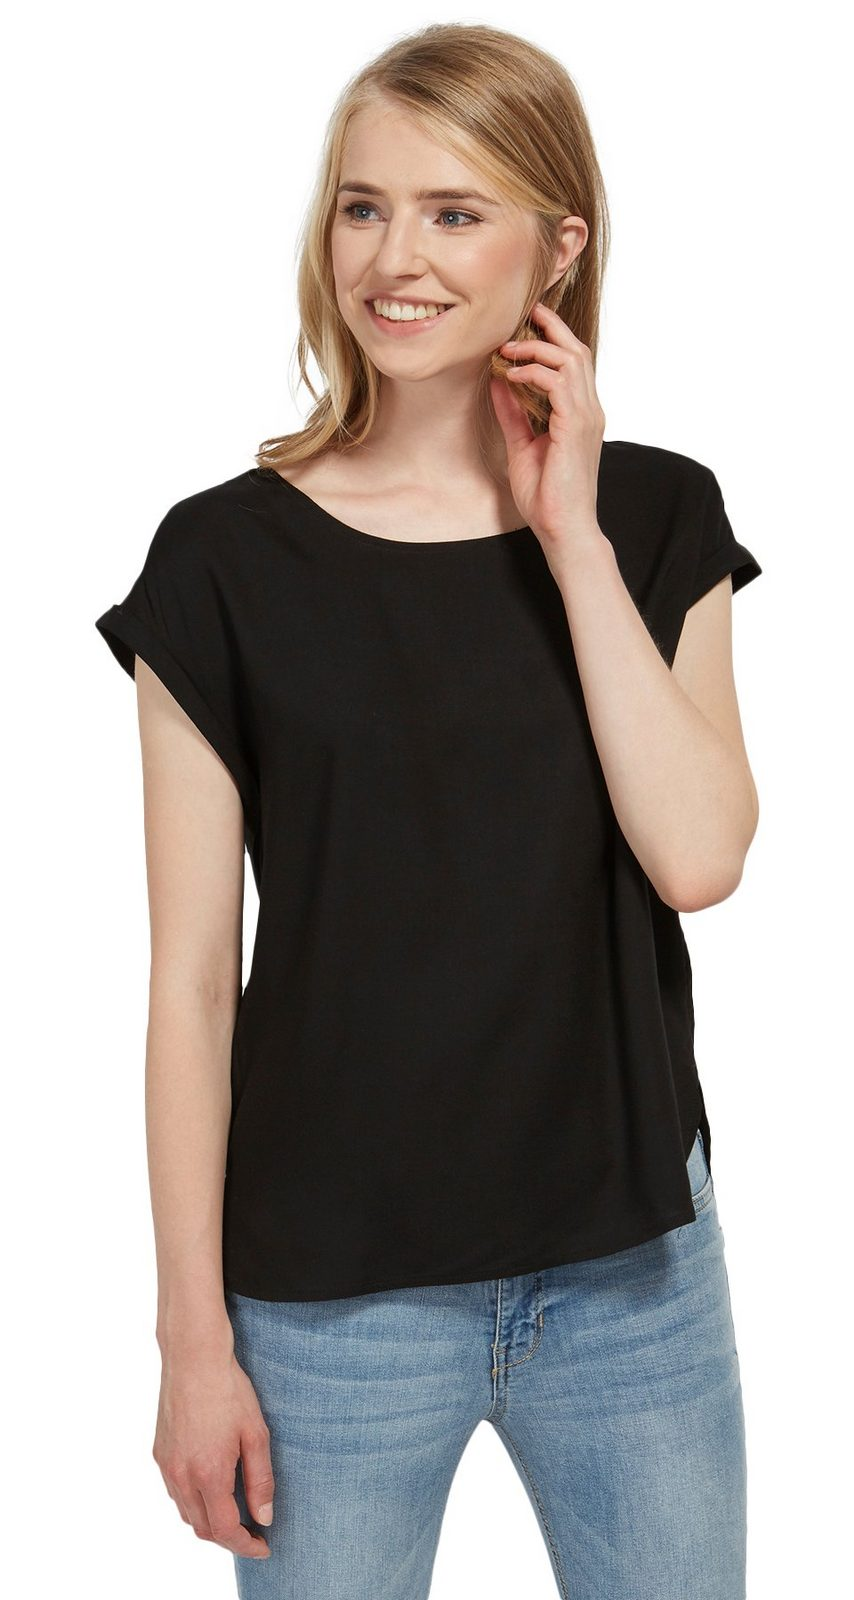 TOM TAILOR DENIM Bluse »schlichte Kurzarm-Bluse«